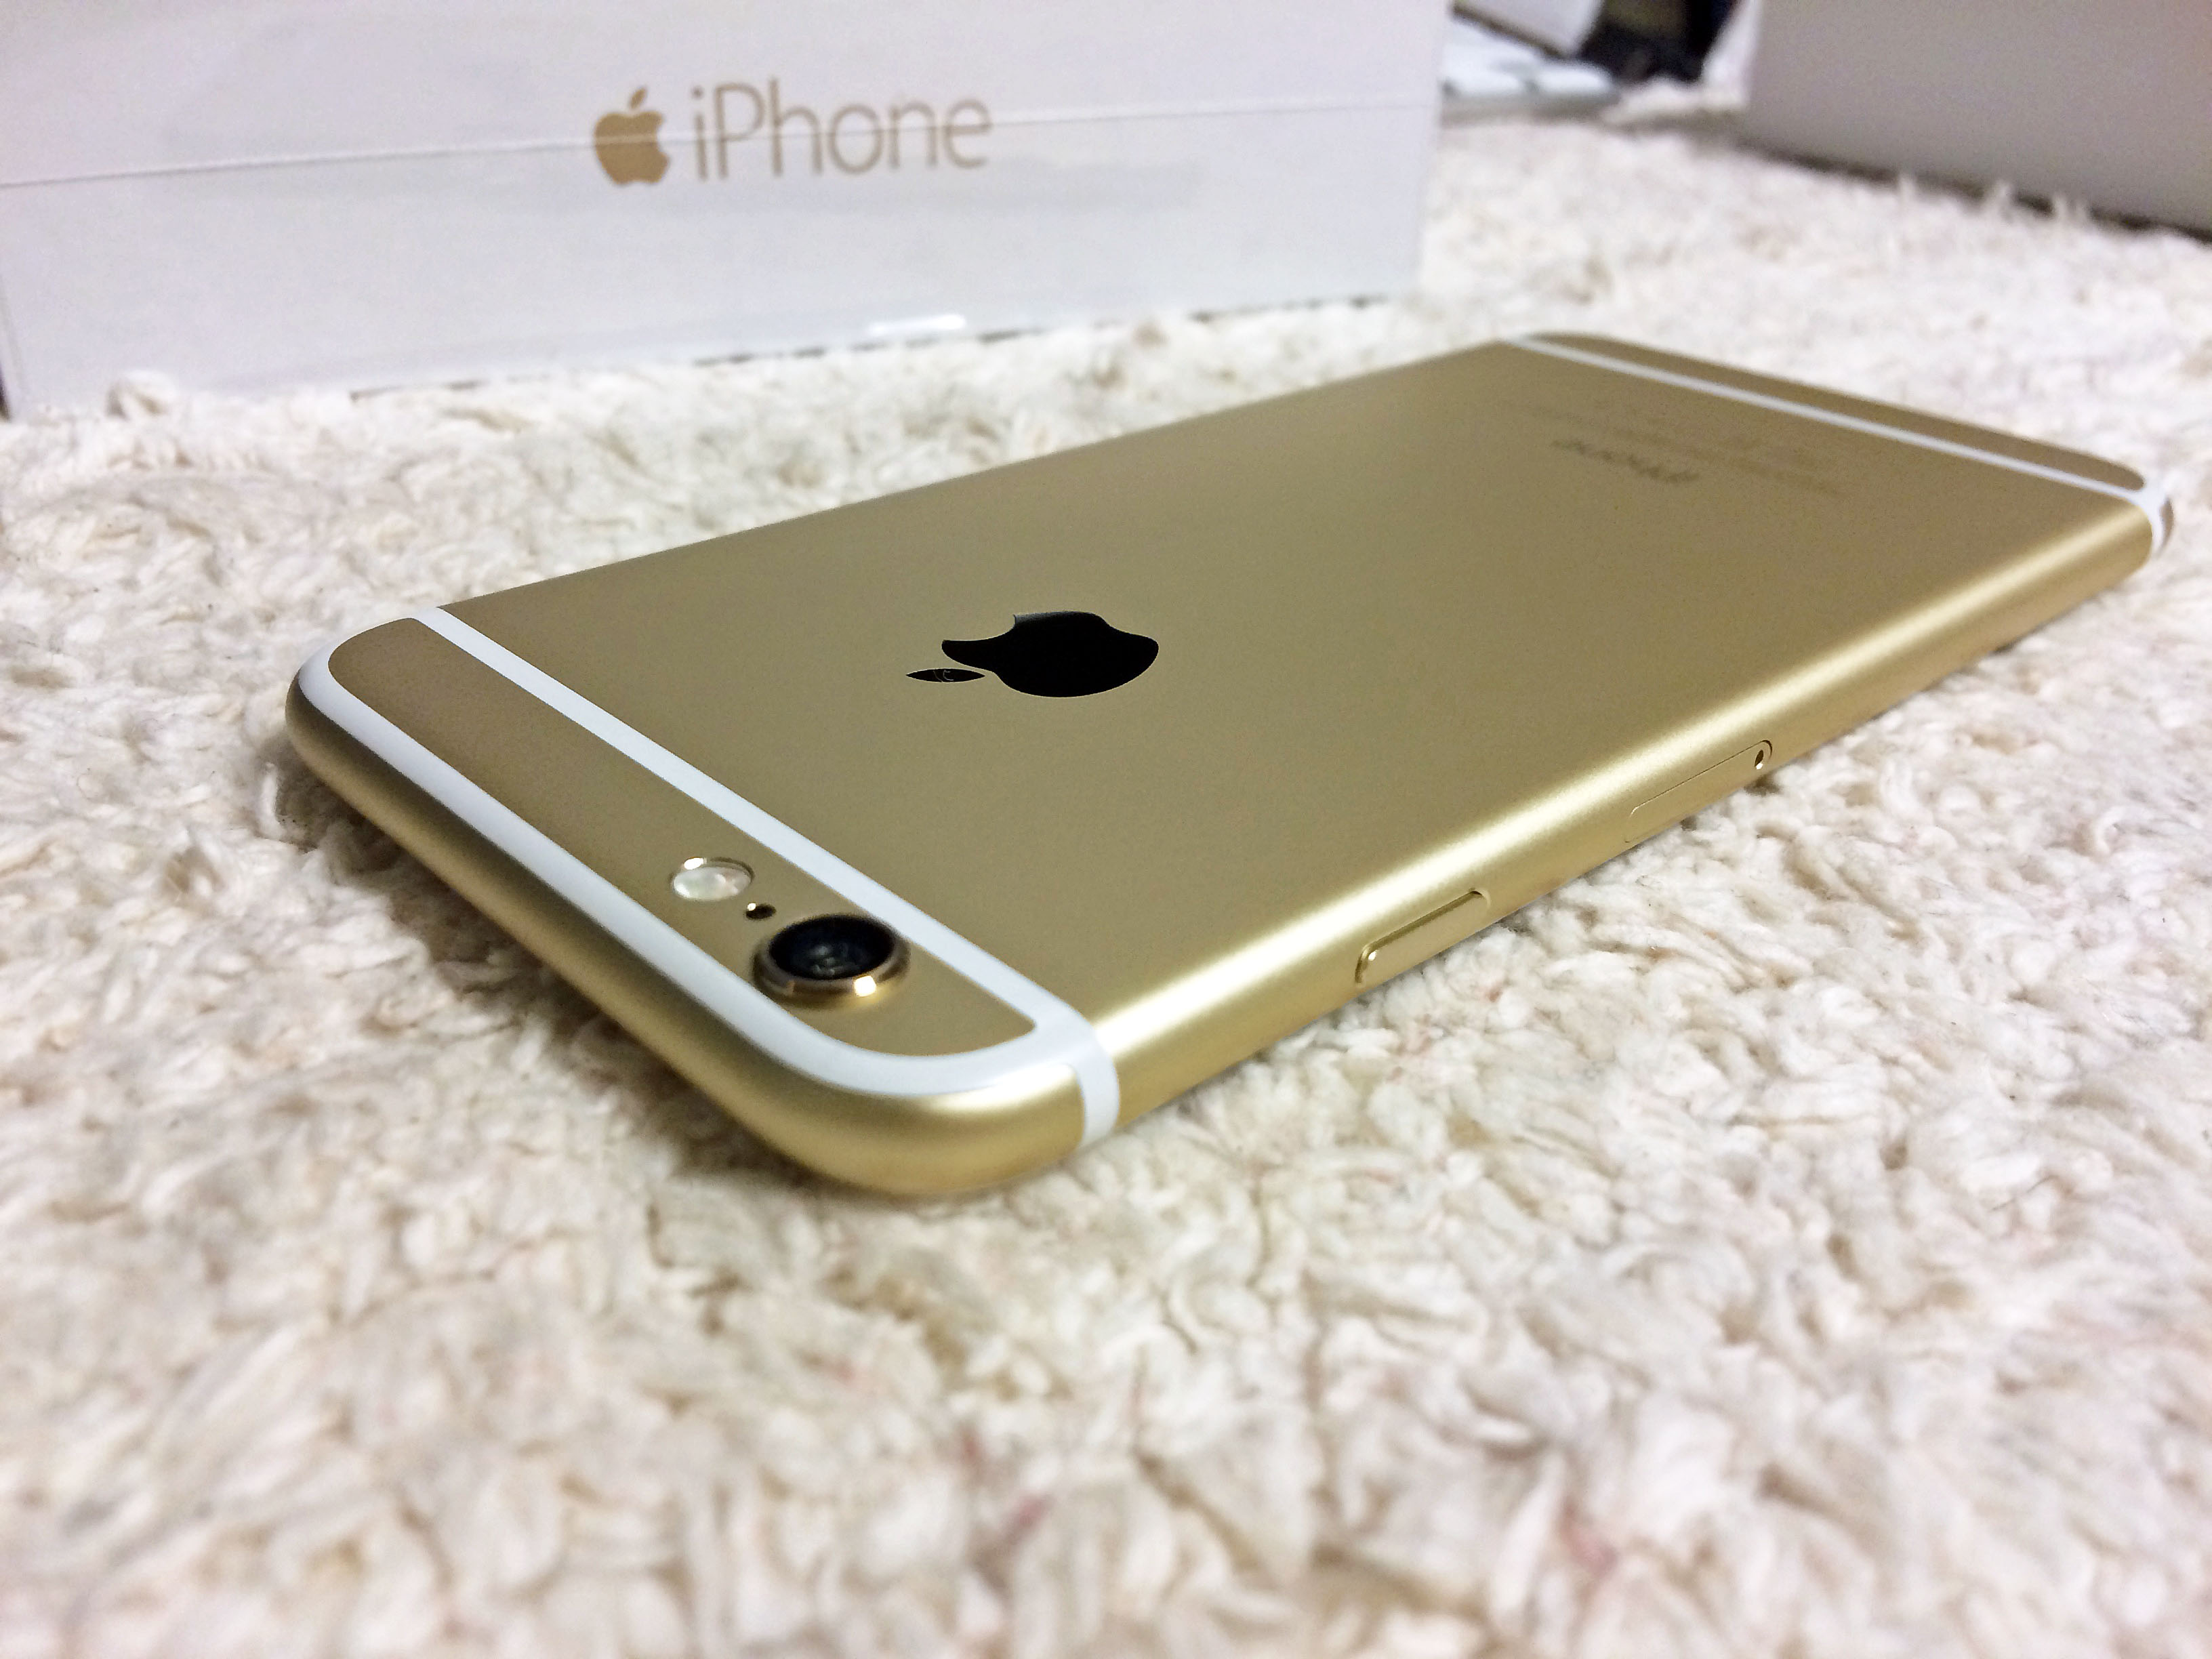 オンライン注文で届いたiPhone6SIMフリーを初期設定しました